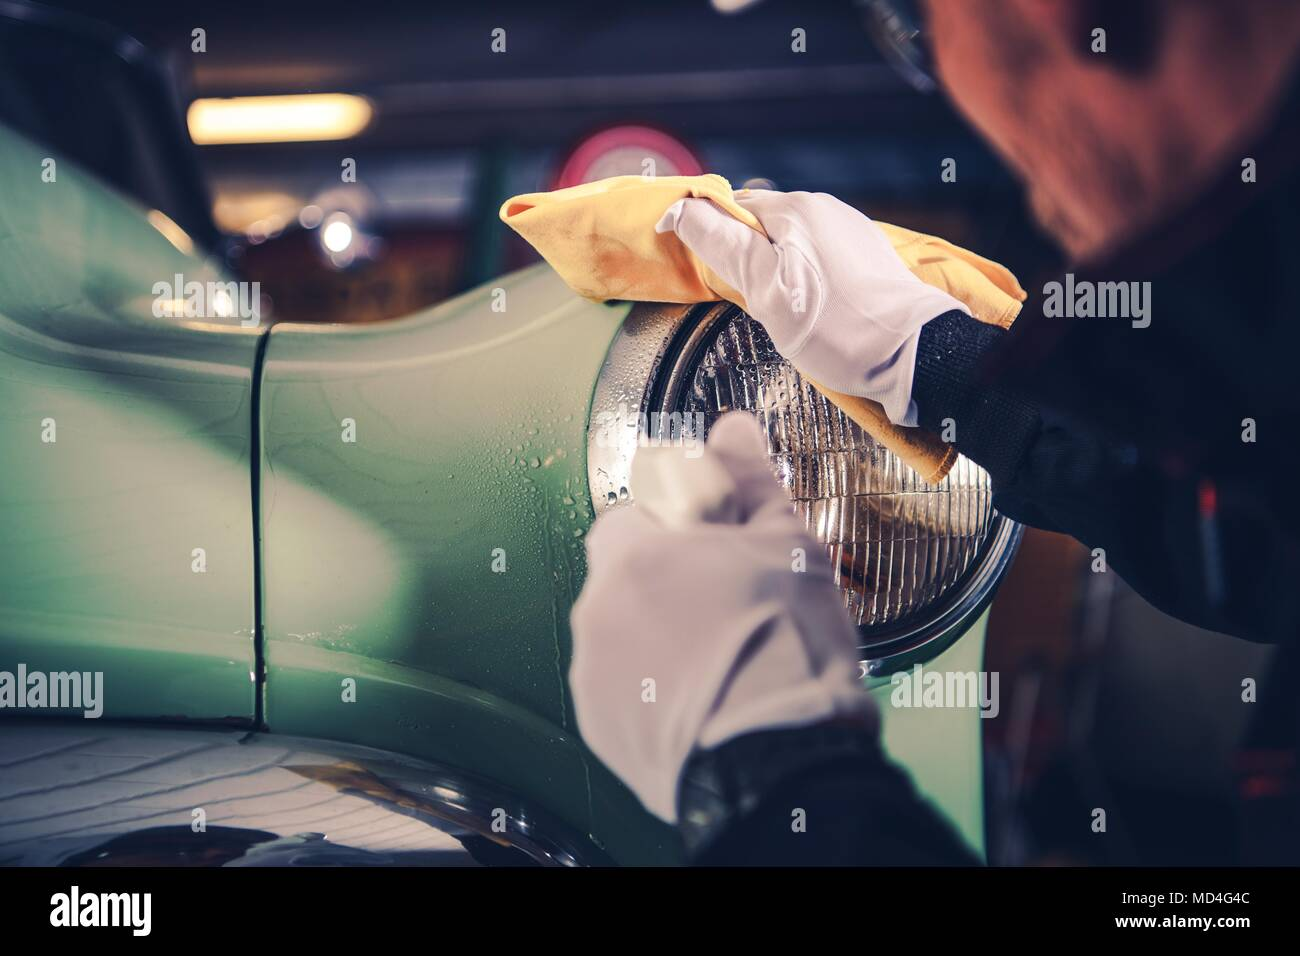 Auto retrò di dettagli. Classic Car la pulizia da Professional pulitore del veicolo. Immagini Stock